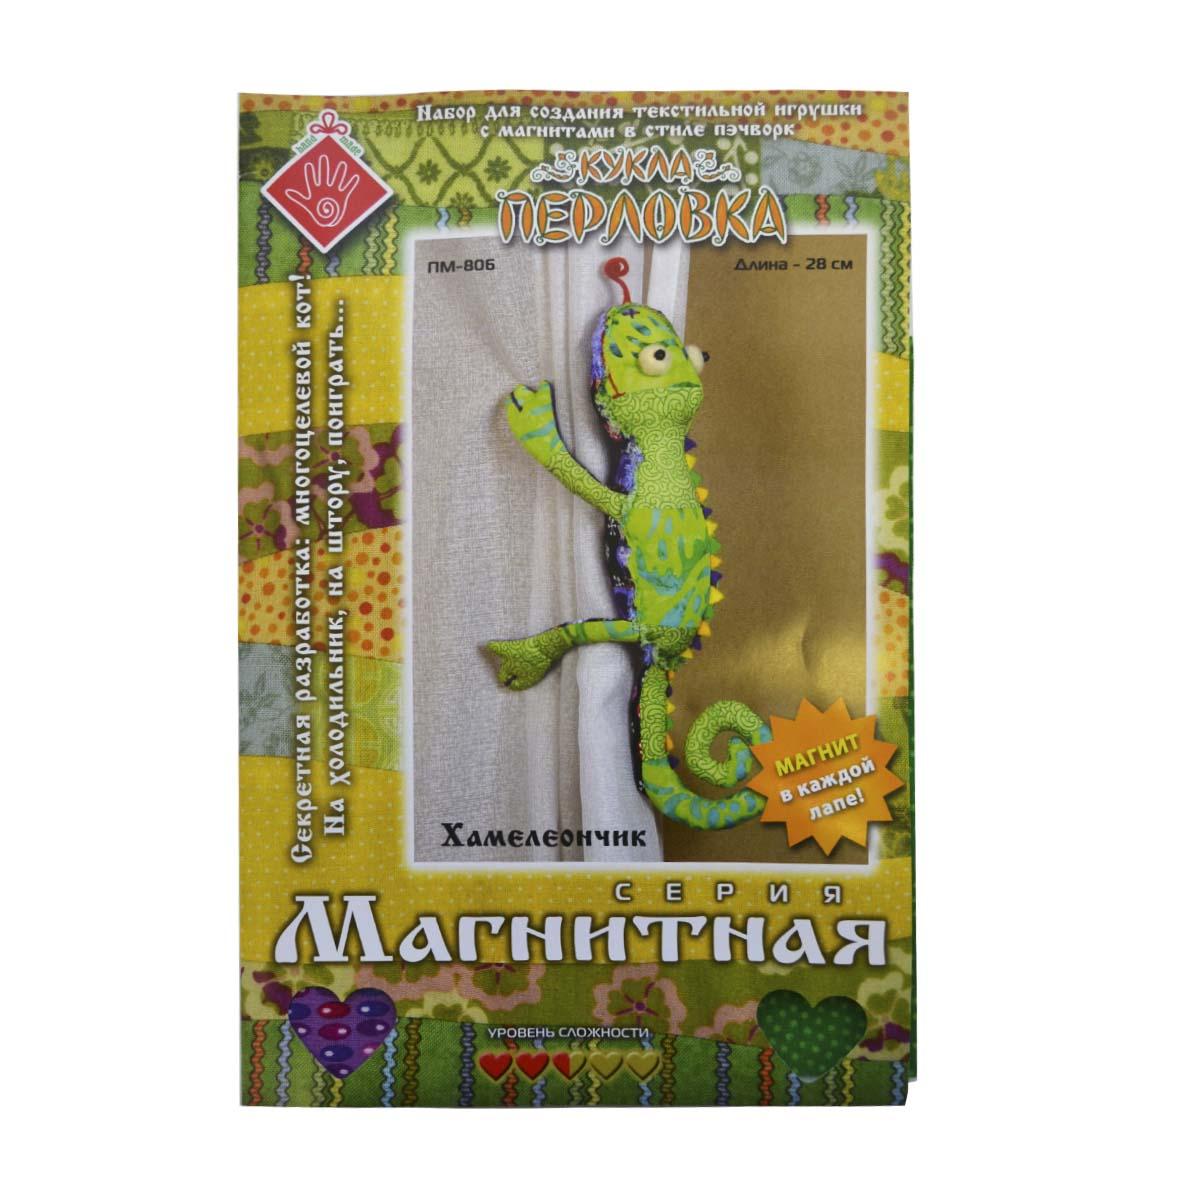 ПМ-806 Набор для изготовления текстильной игрушки серия ' Магнитная' в стиле пэчворк 'ХАМЕЛЕОНЧИК'